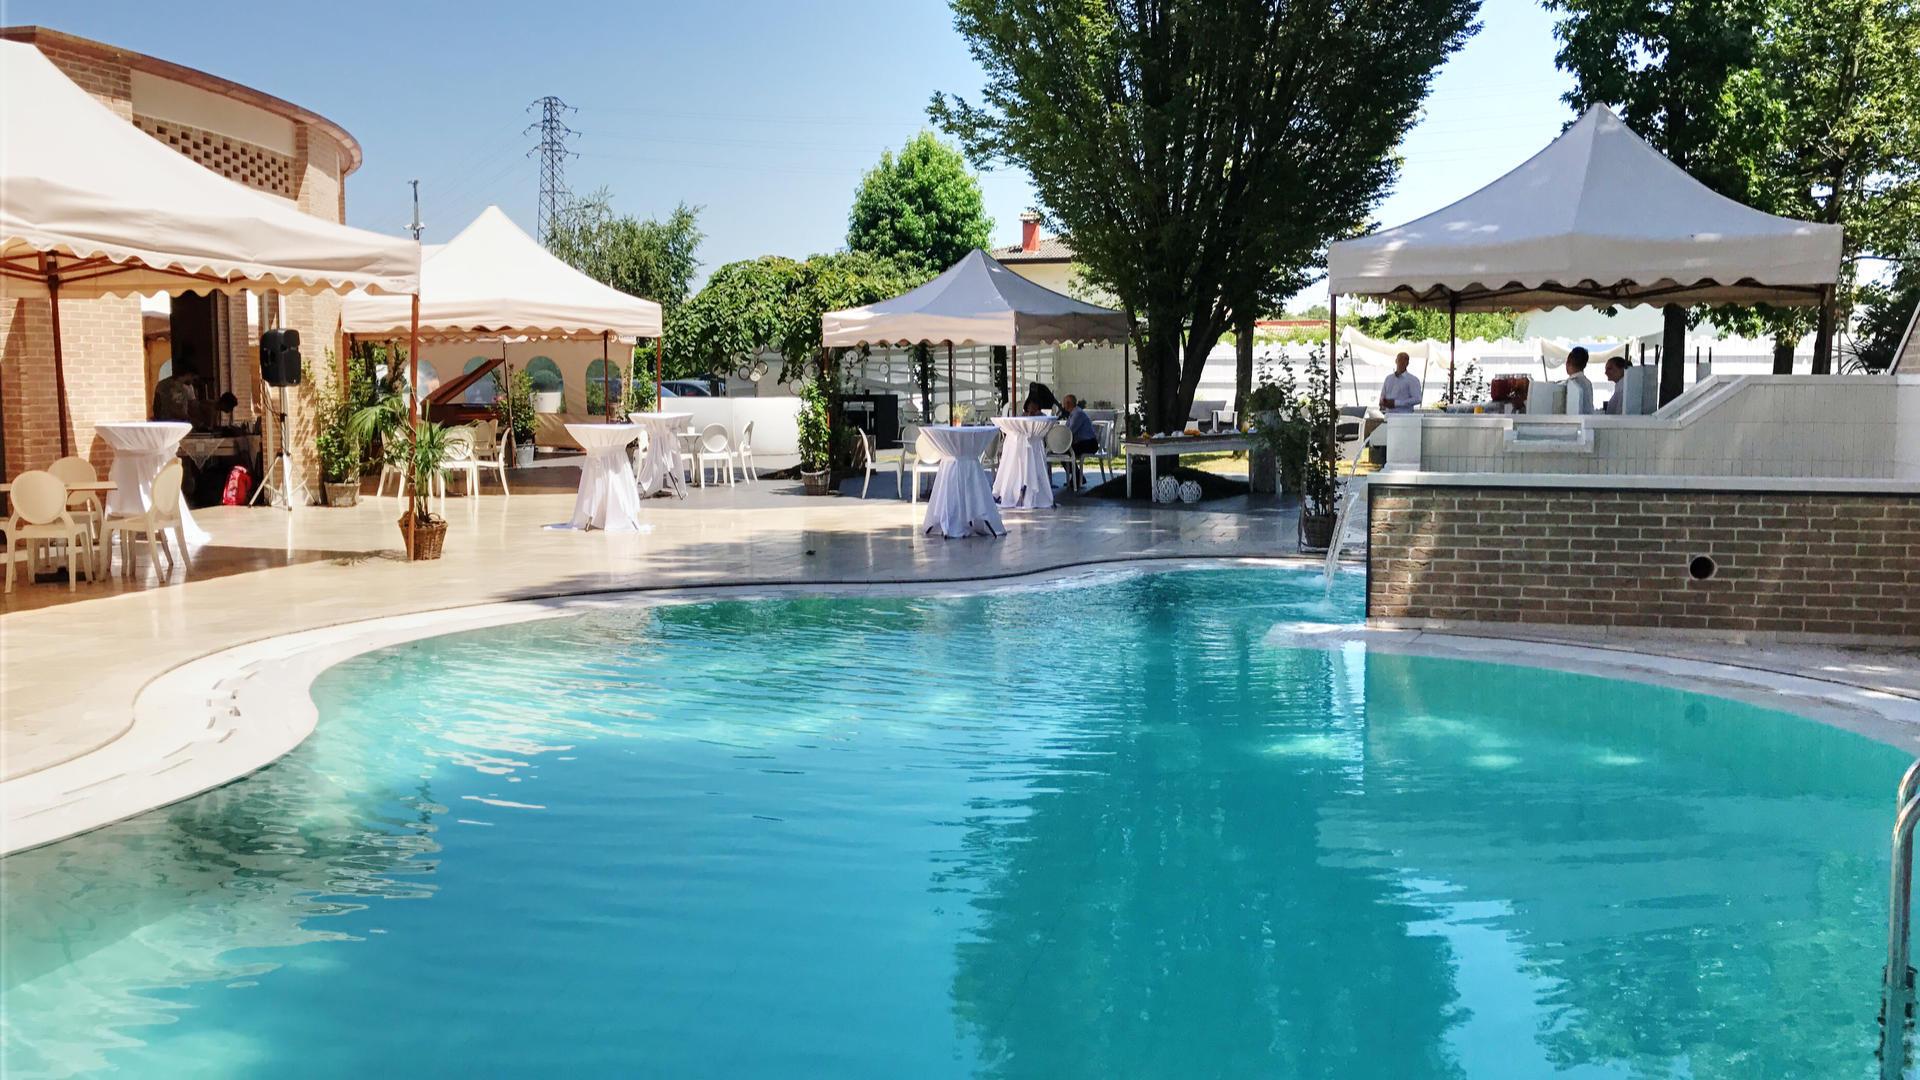 La piscina nel Parco della Baracca Sorica Hostaria